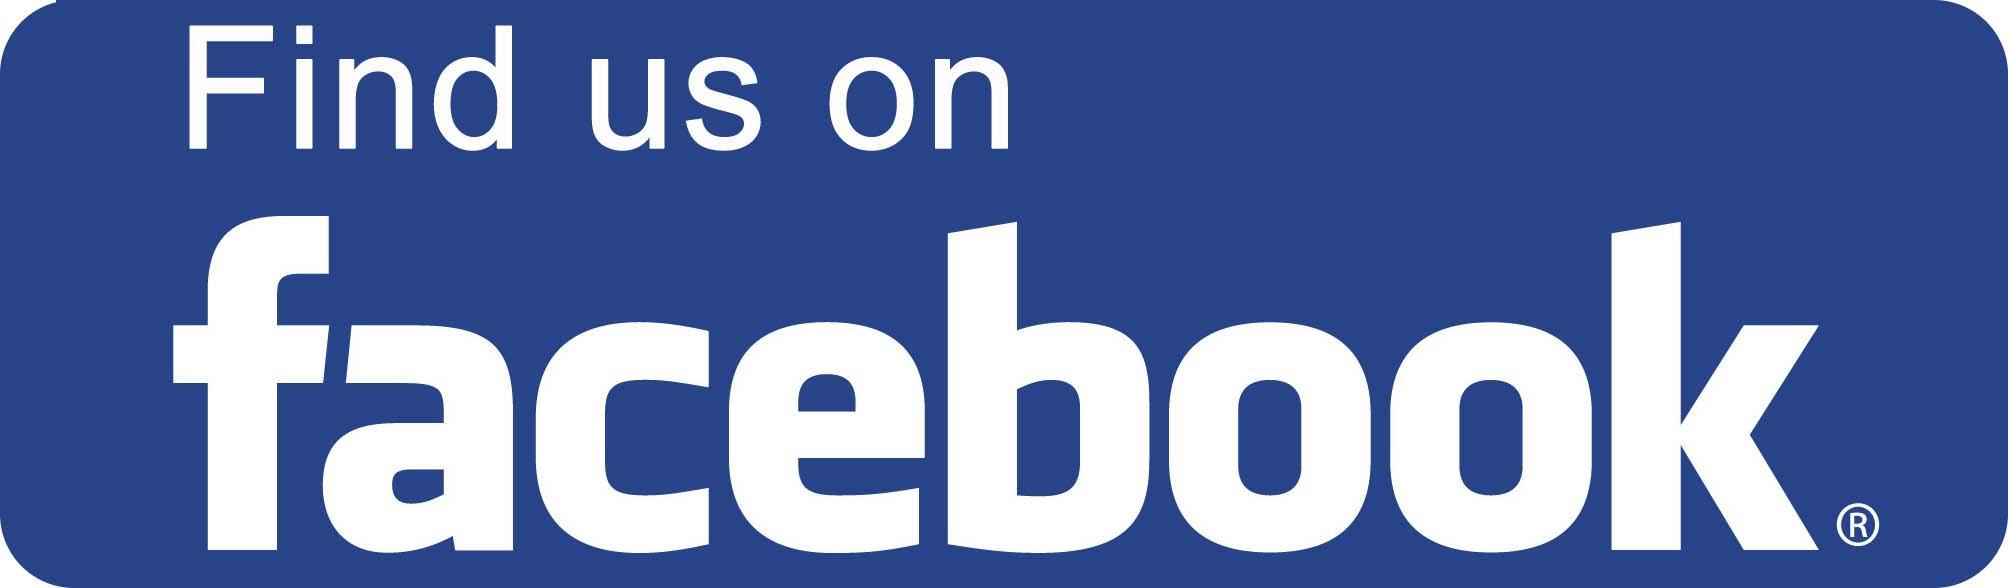 find-us-on-facebook.jpg